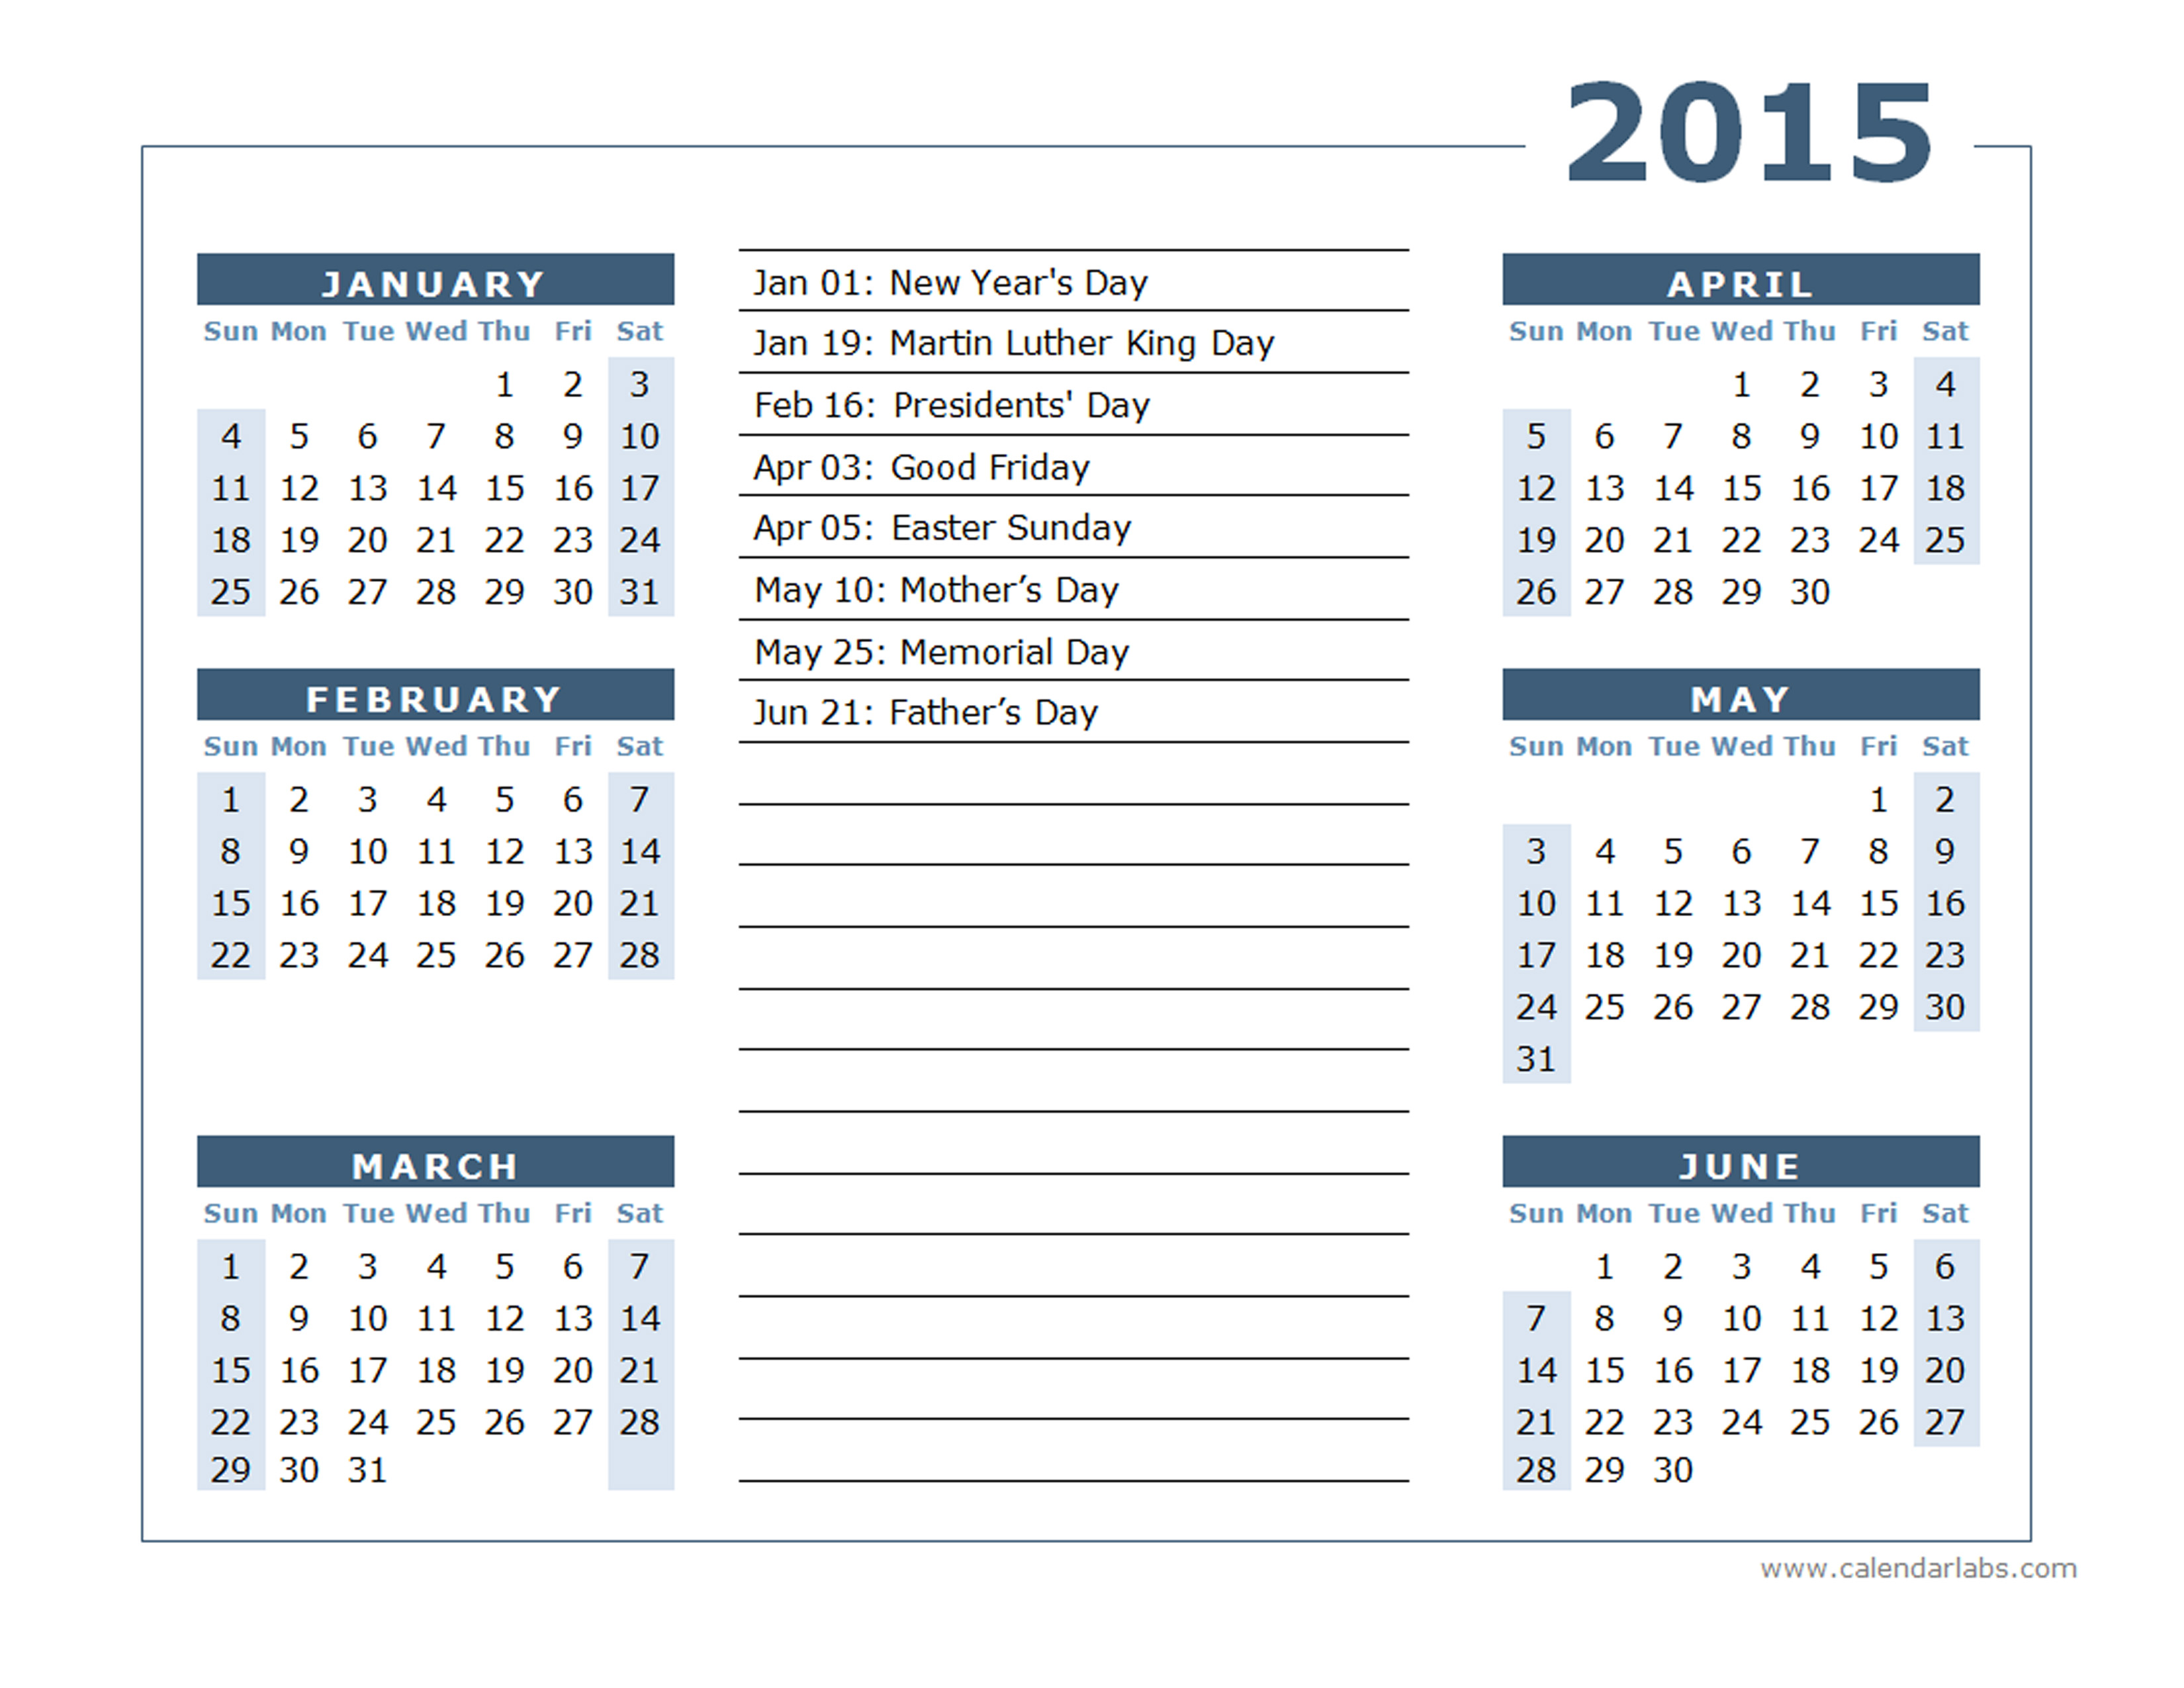 ... Calendar Template Excel likewise Blank Weekly Calendar Template as